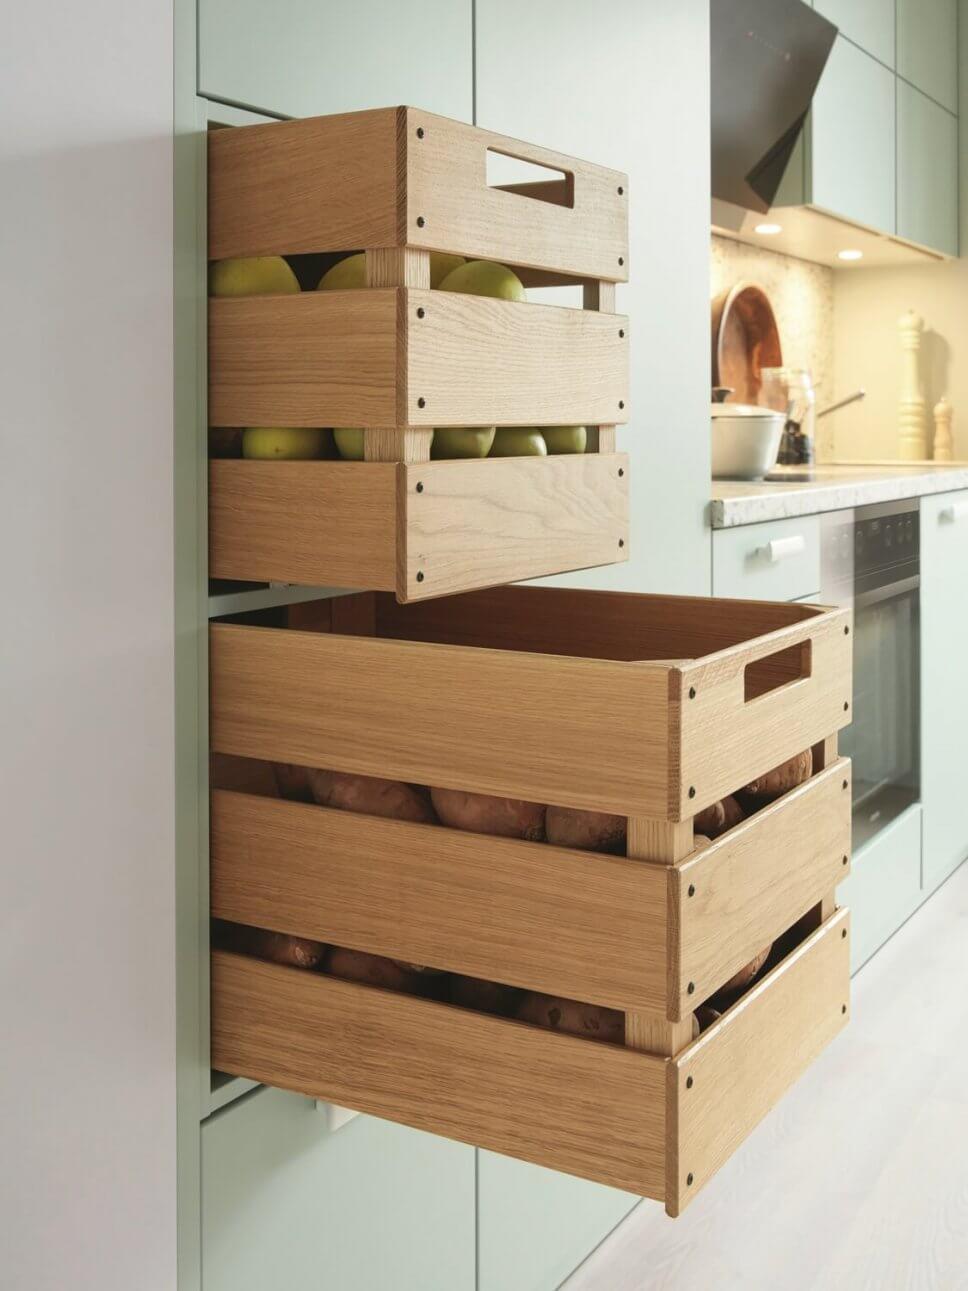 Holzkisten als Schübe in moderner hellgrünen Küche